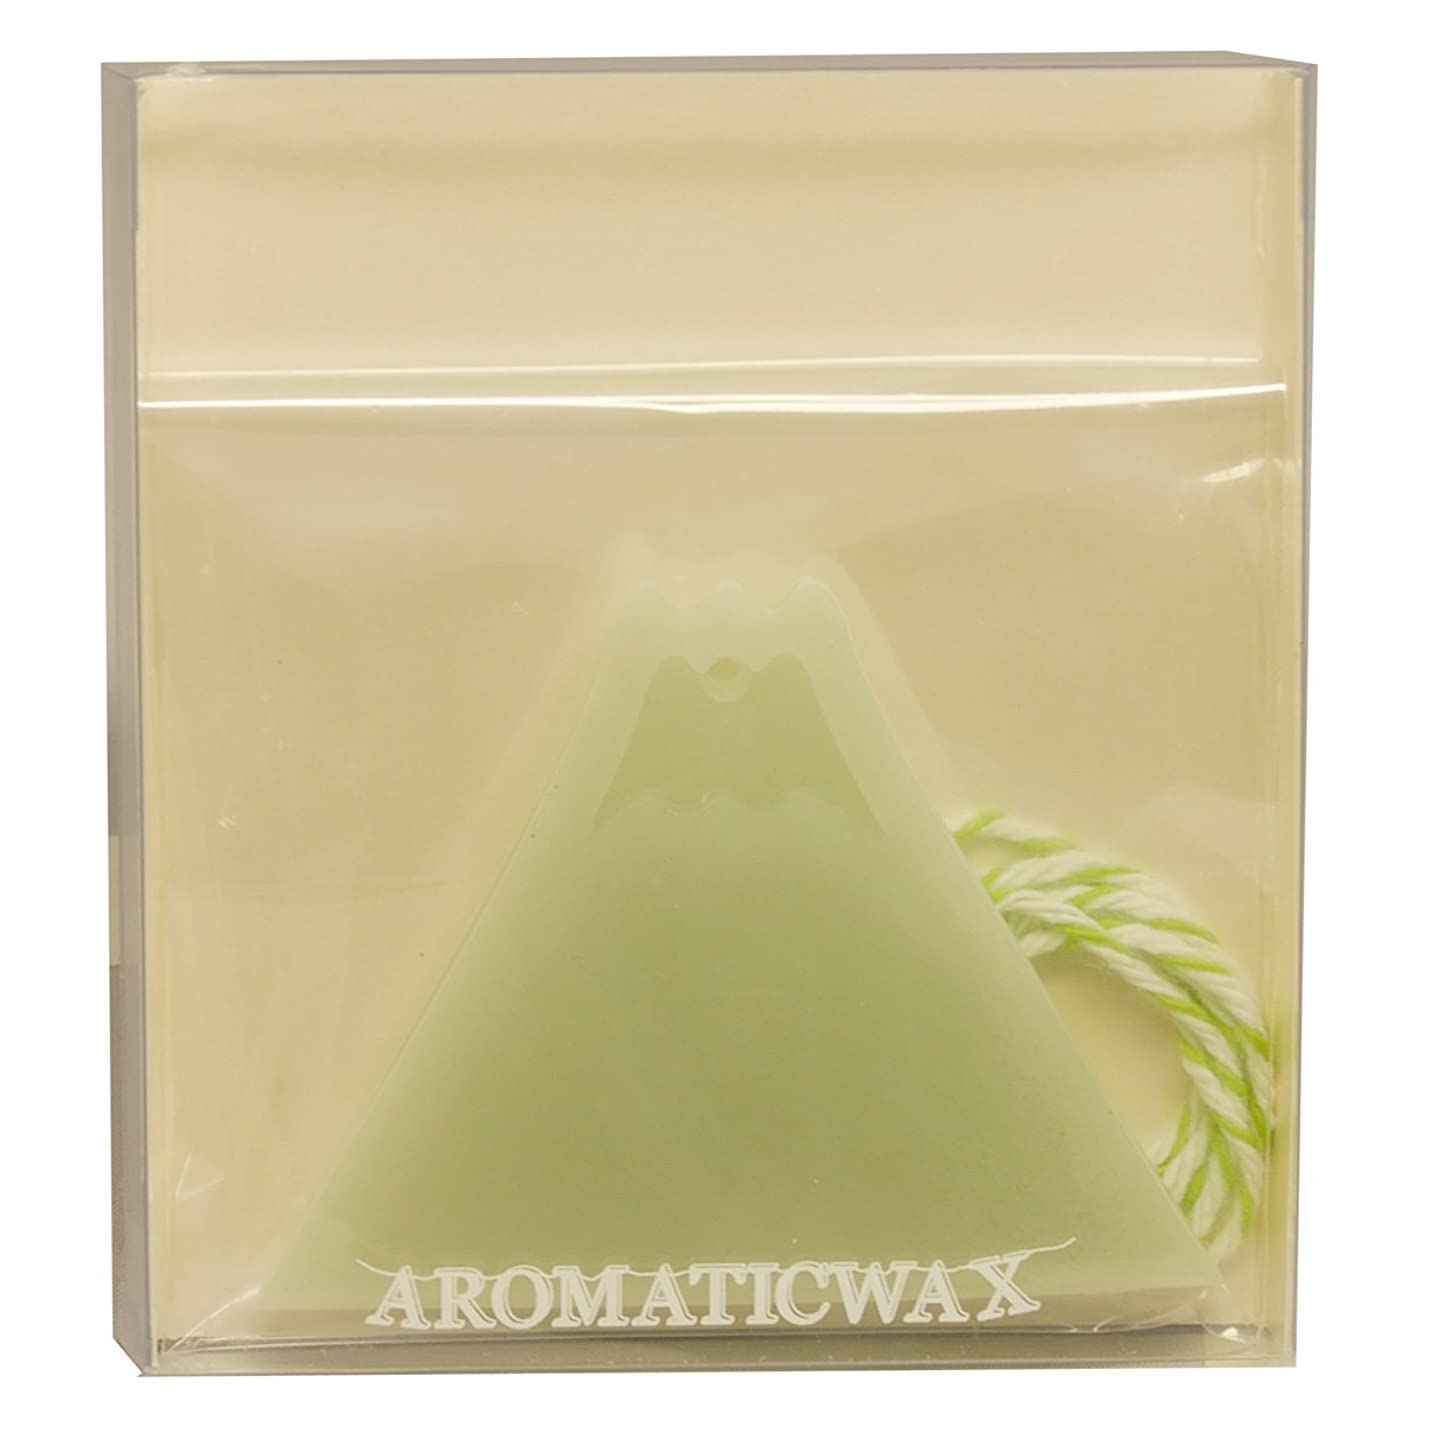 周術期一緒に交換GRASSE TOKYO AROMATICWAXチャーム「富士山」(GR) レモングラス アロマティックワックス グラーストウキョウ